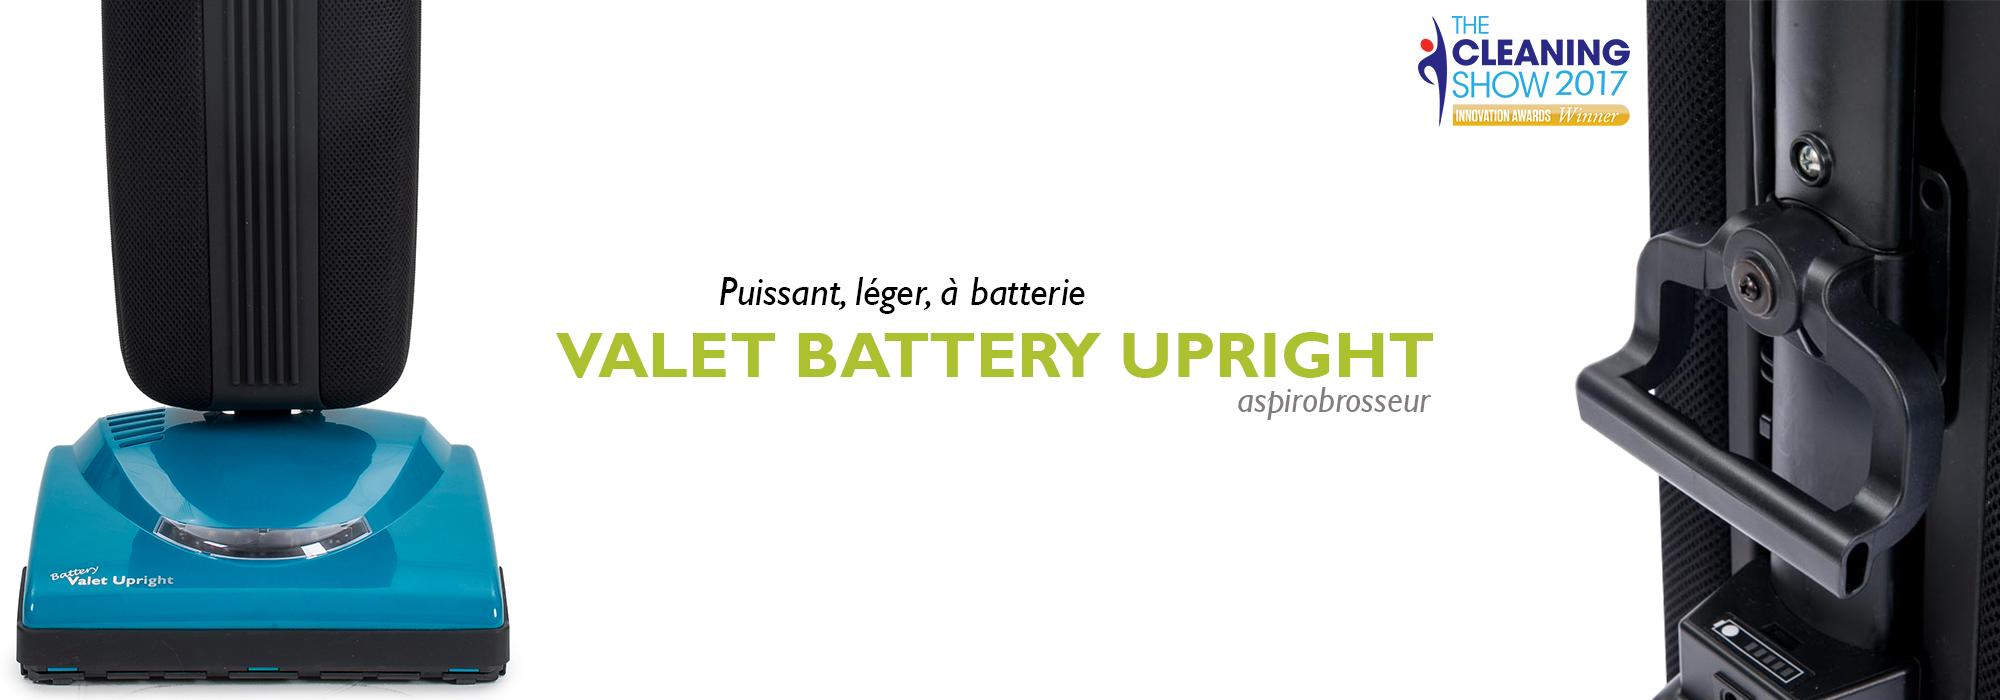 Valet Battery Upright